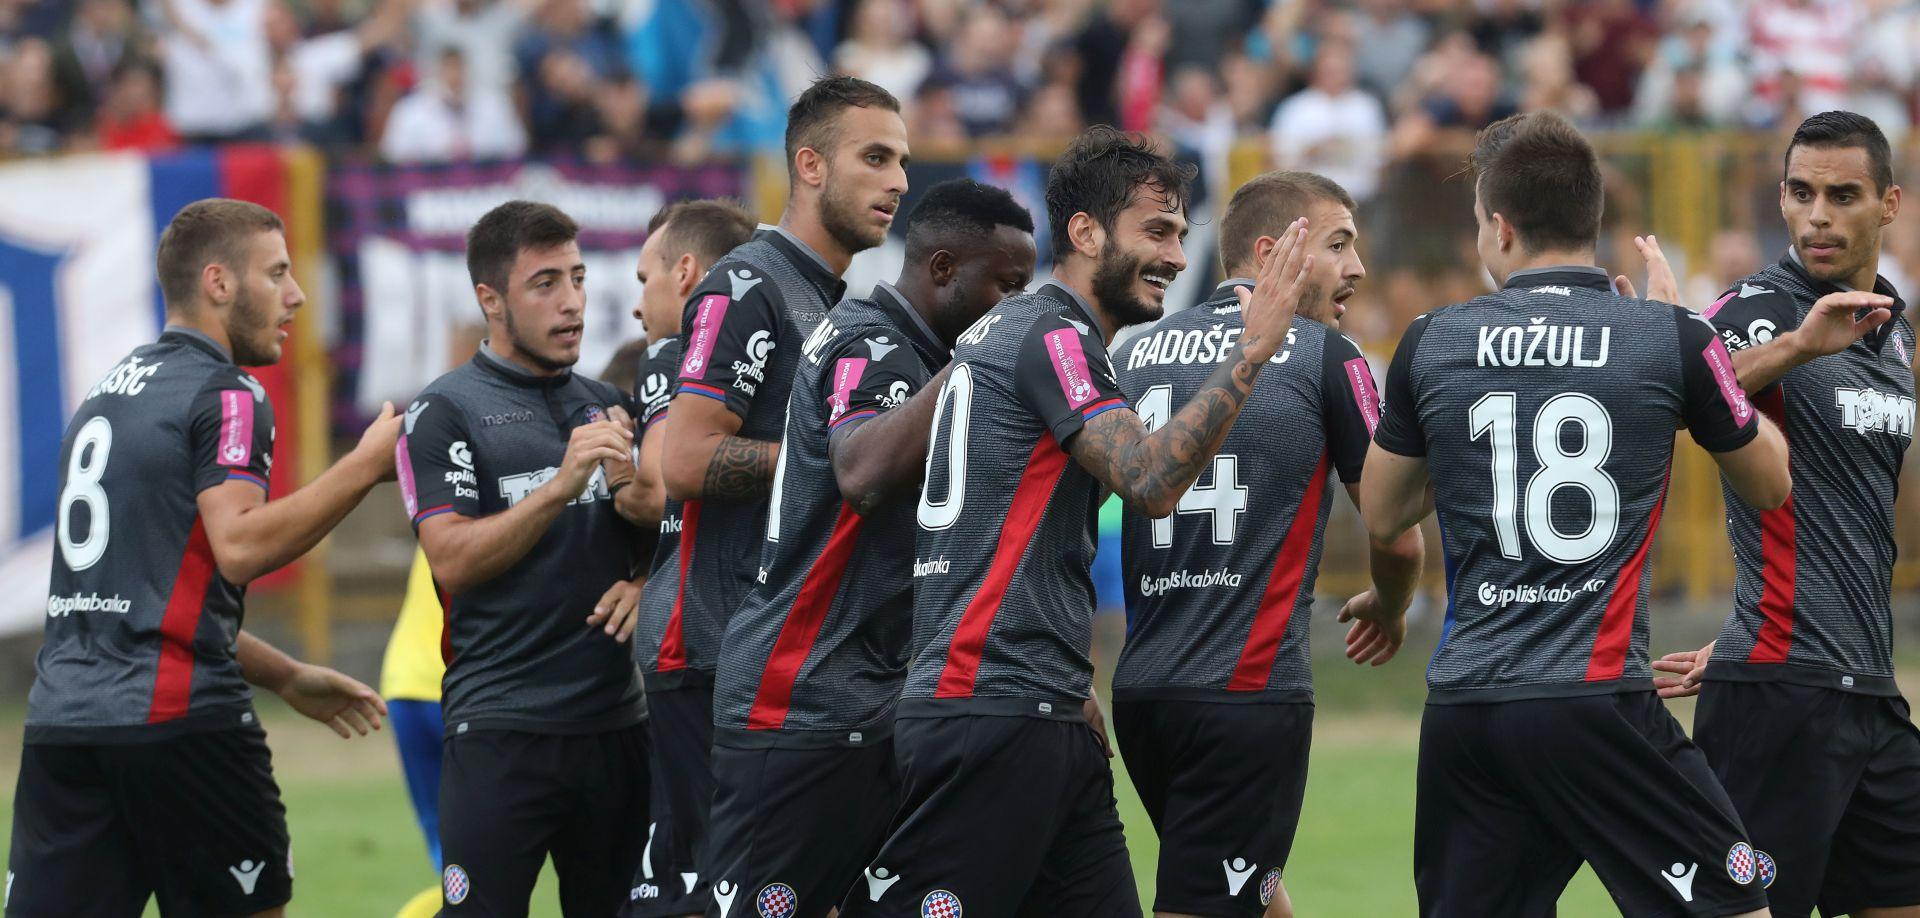 DOBRE VIJESTI Hajduk protiv Brondbyja na Poljudu ipak pred svojim navijačima